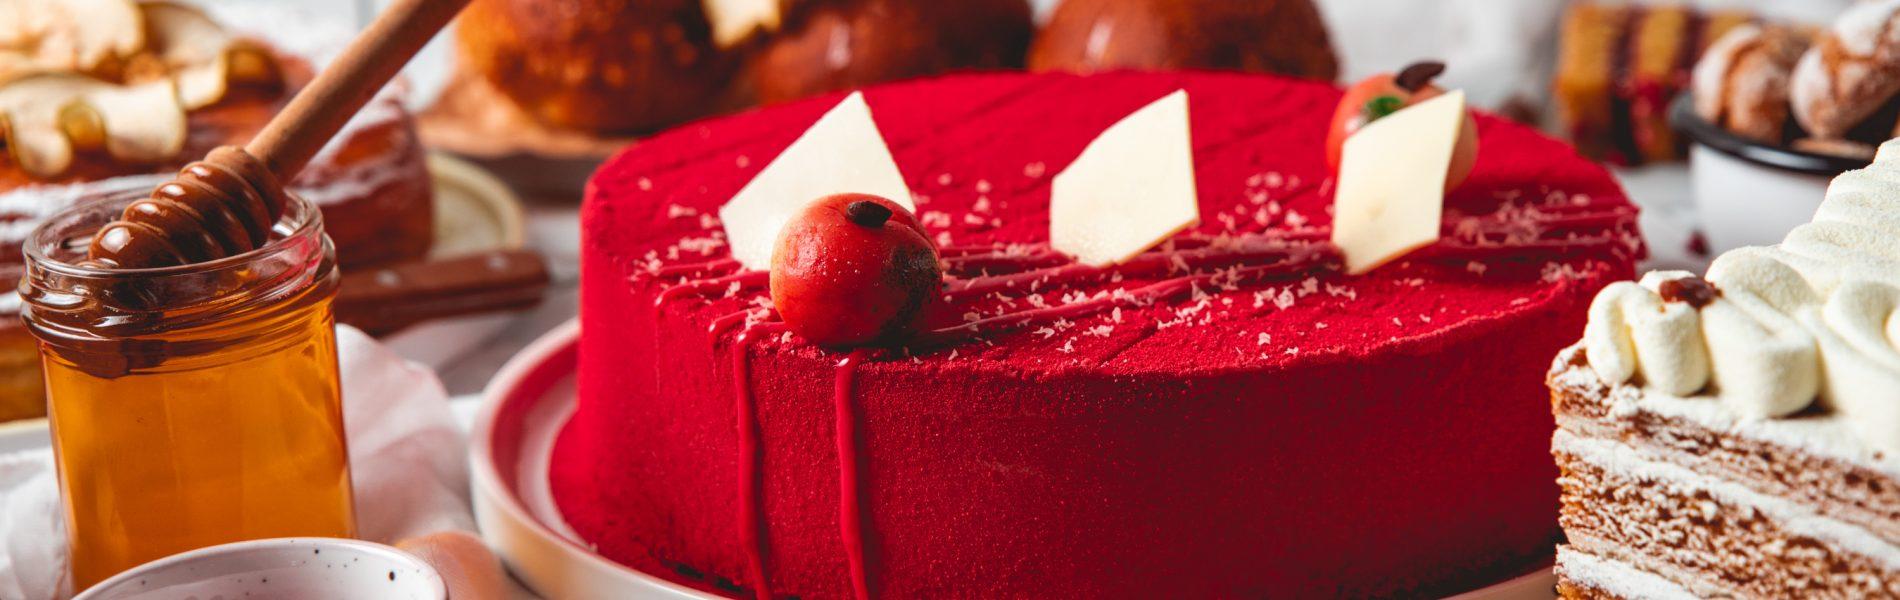 ראש השנה 2021: העוגות שאסור לכם לפספס